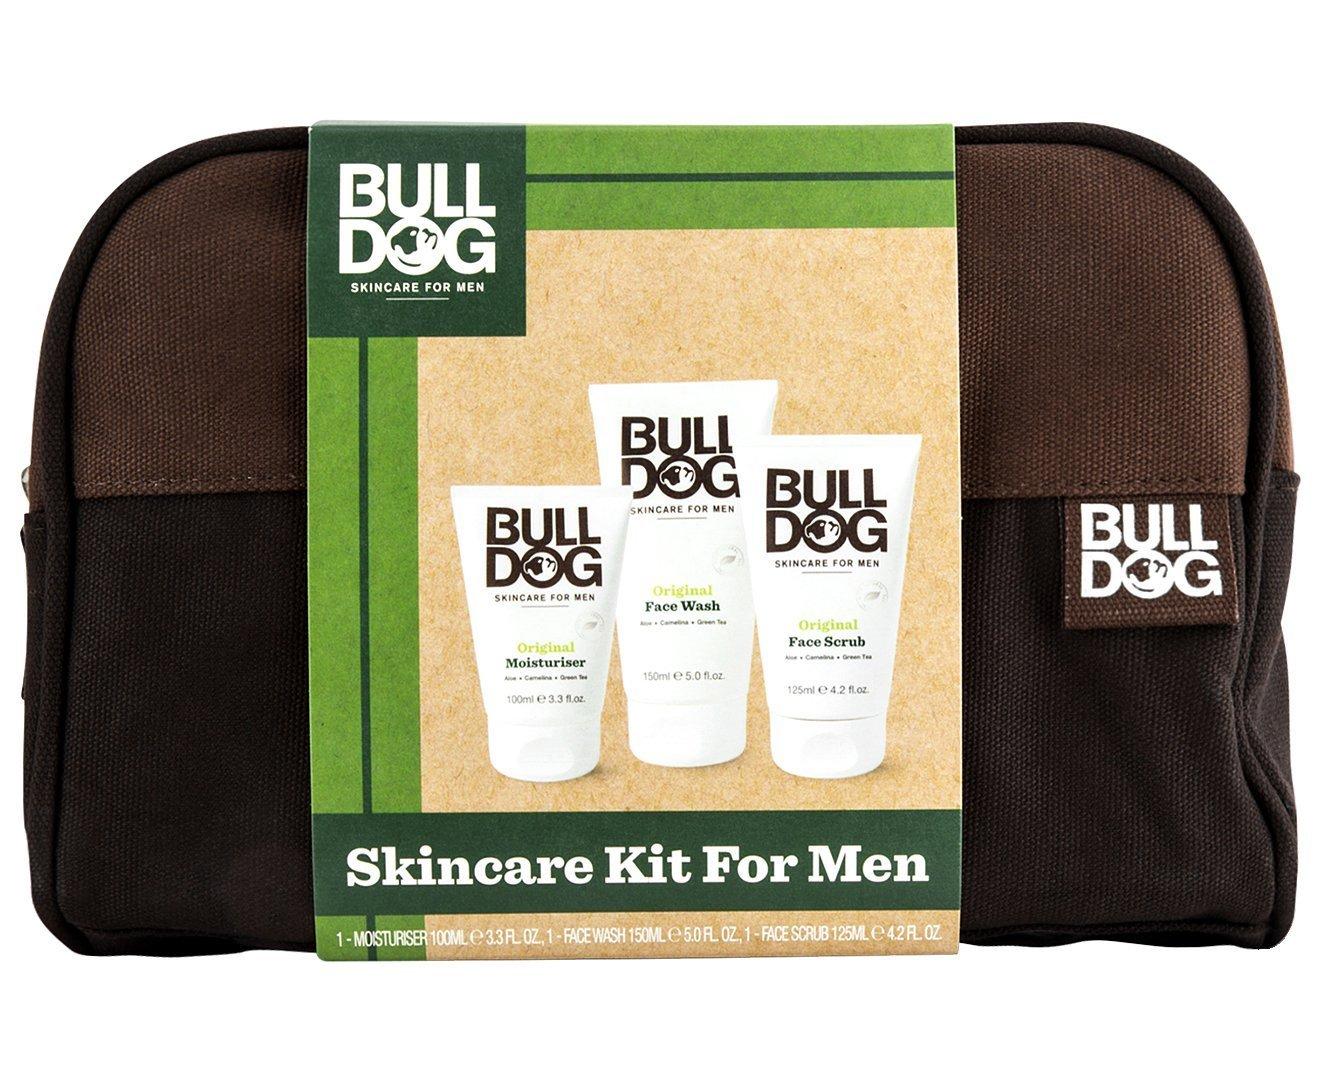 Bulldog - Kit de soins de la peau pour homme avec trousse de toilette-Crème hydratante de 100ml, nettoyant pour le visage de 150ml, gommage pour le visage de 125ml